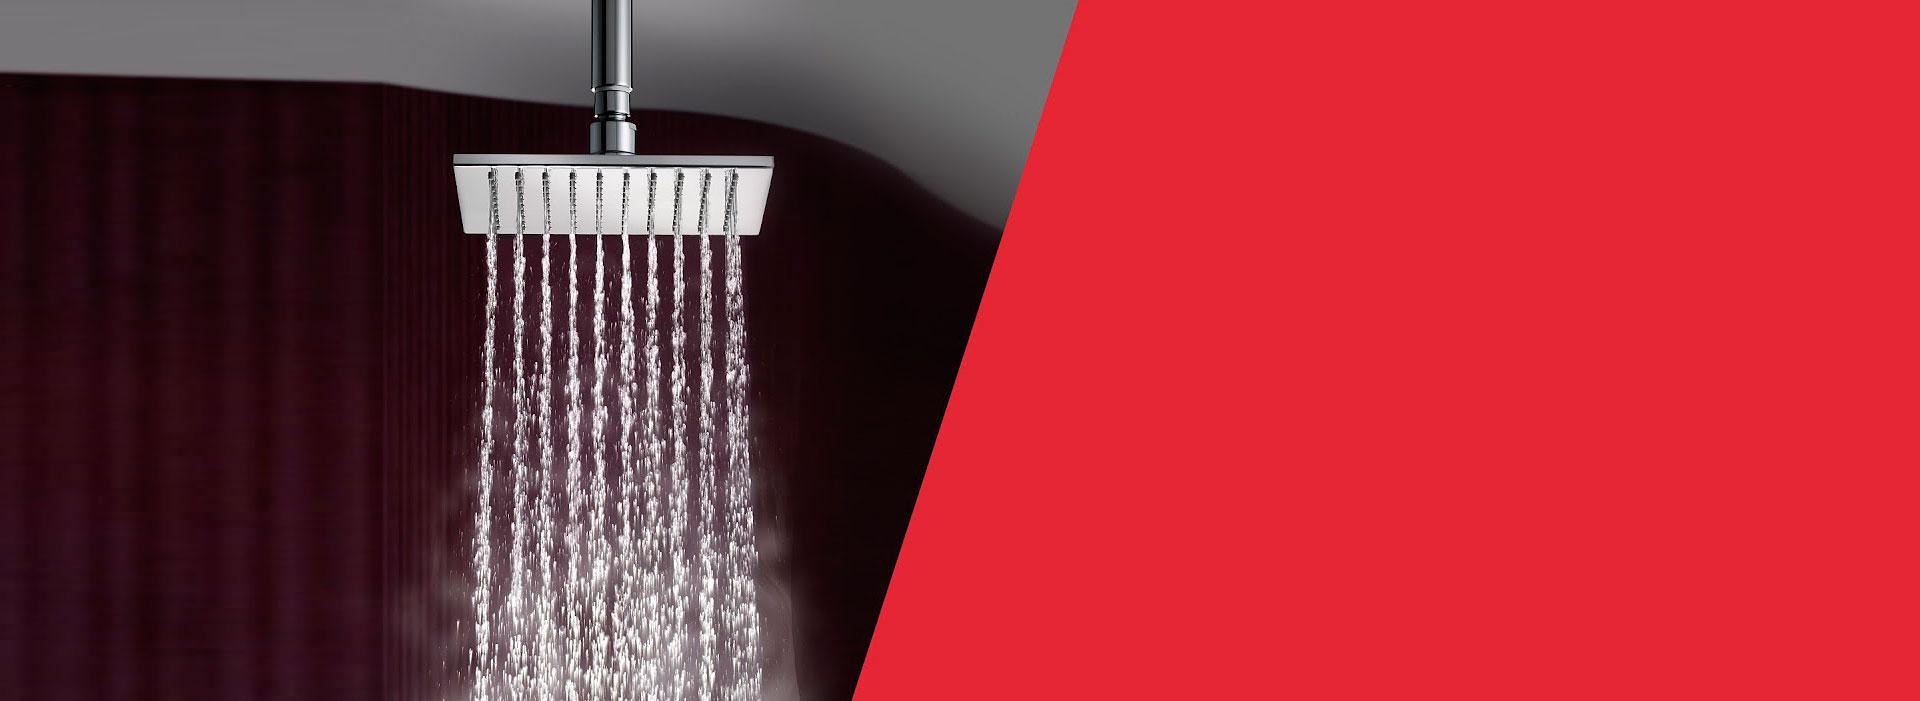 duchas chuveiros